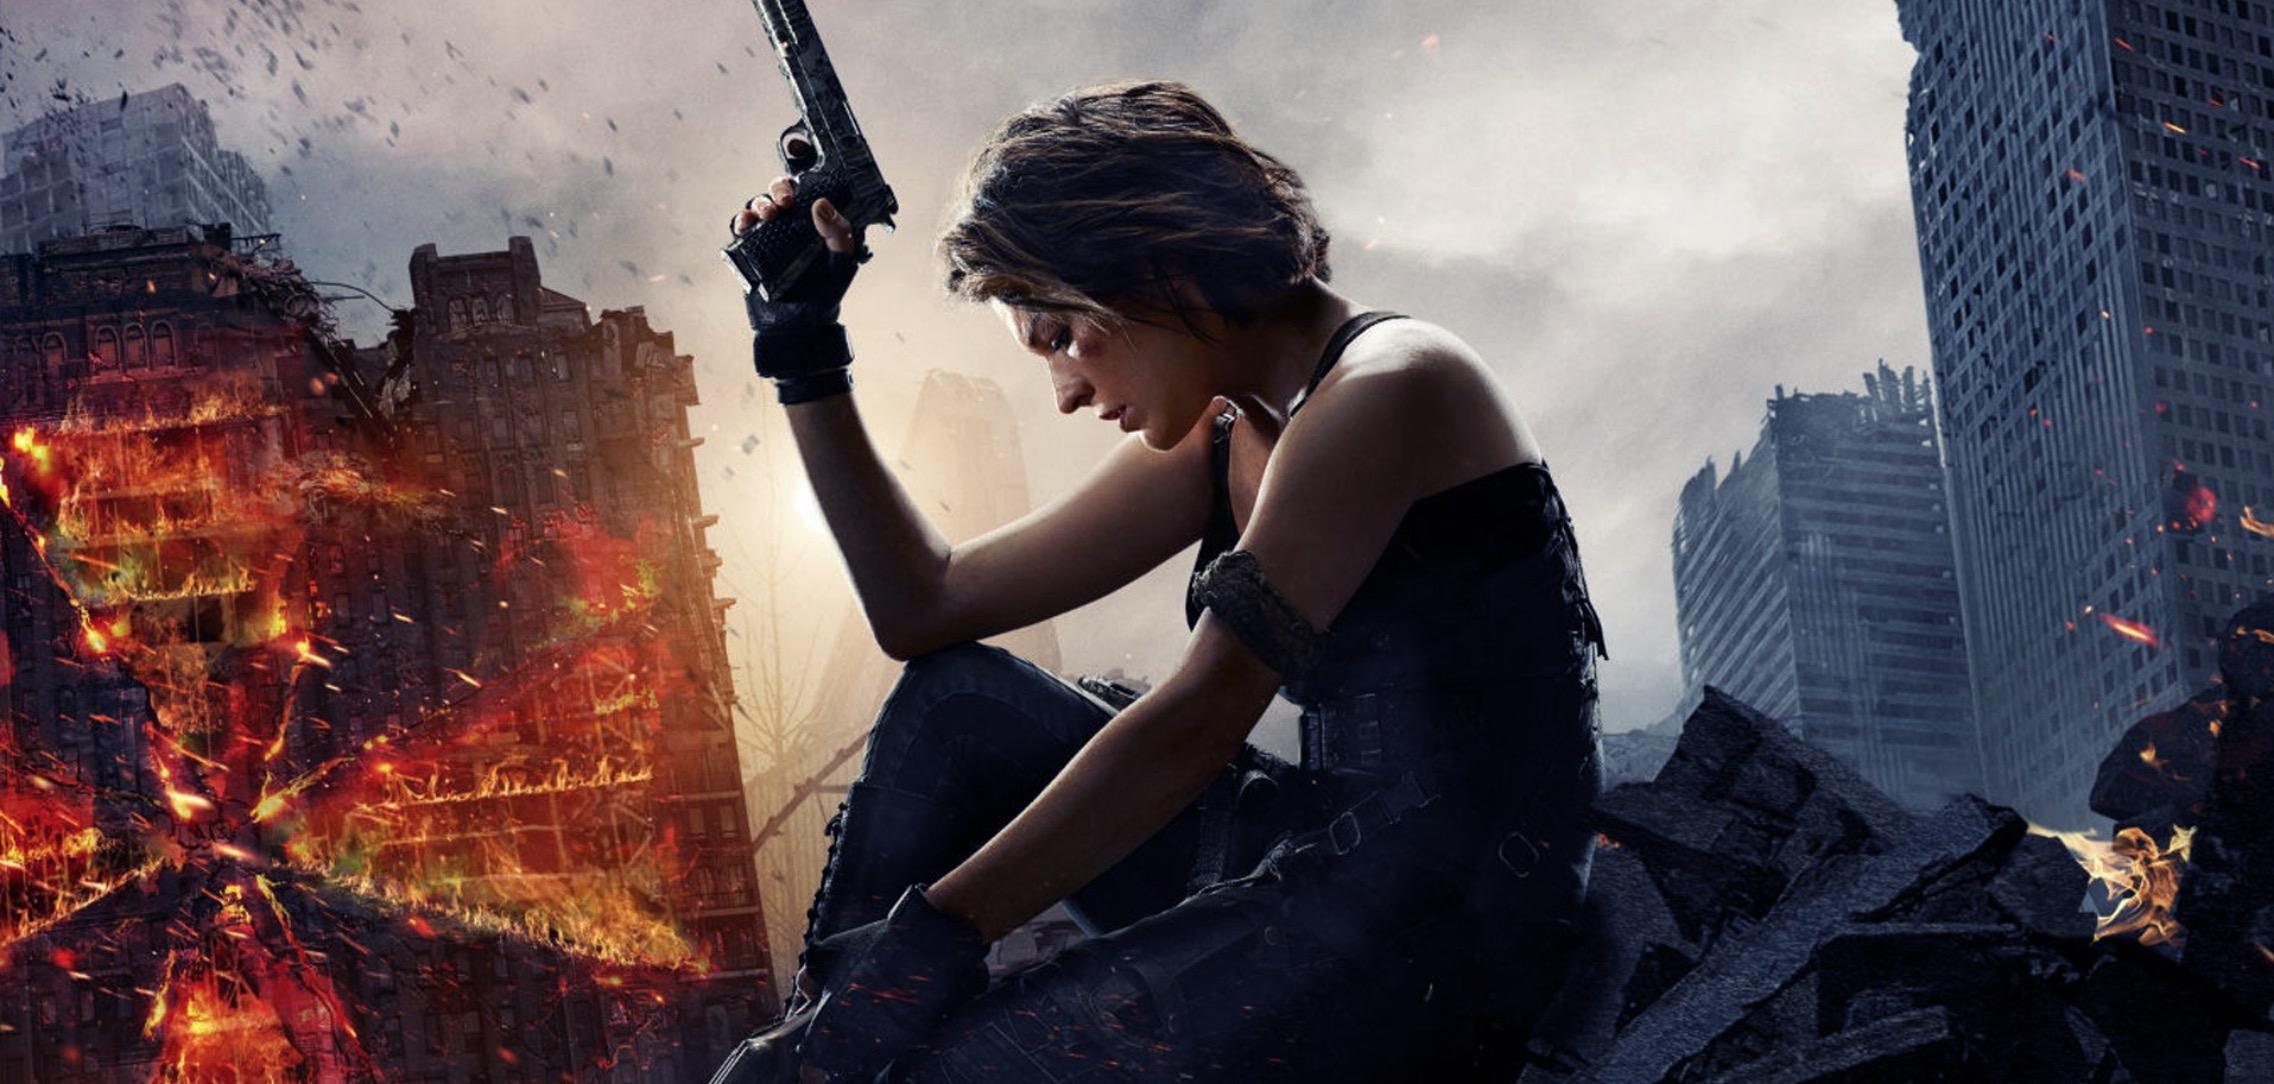 Reżyser filmów Resident Evil bierze się na wyciskanie dolarów z nowej serii gier